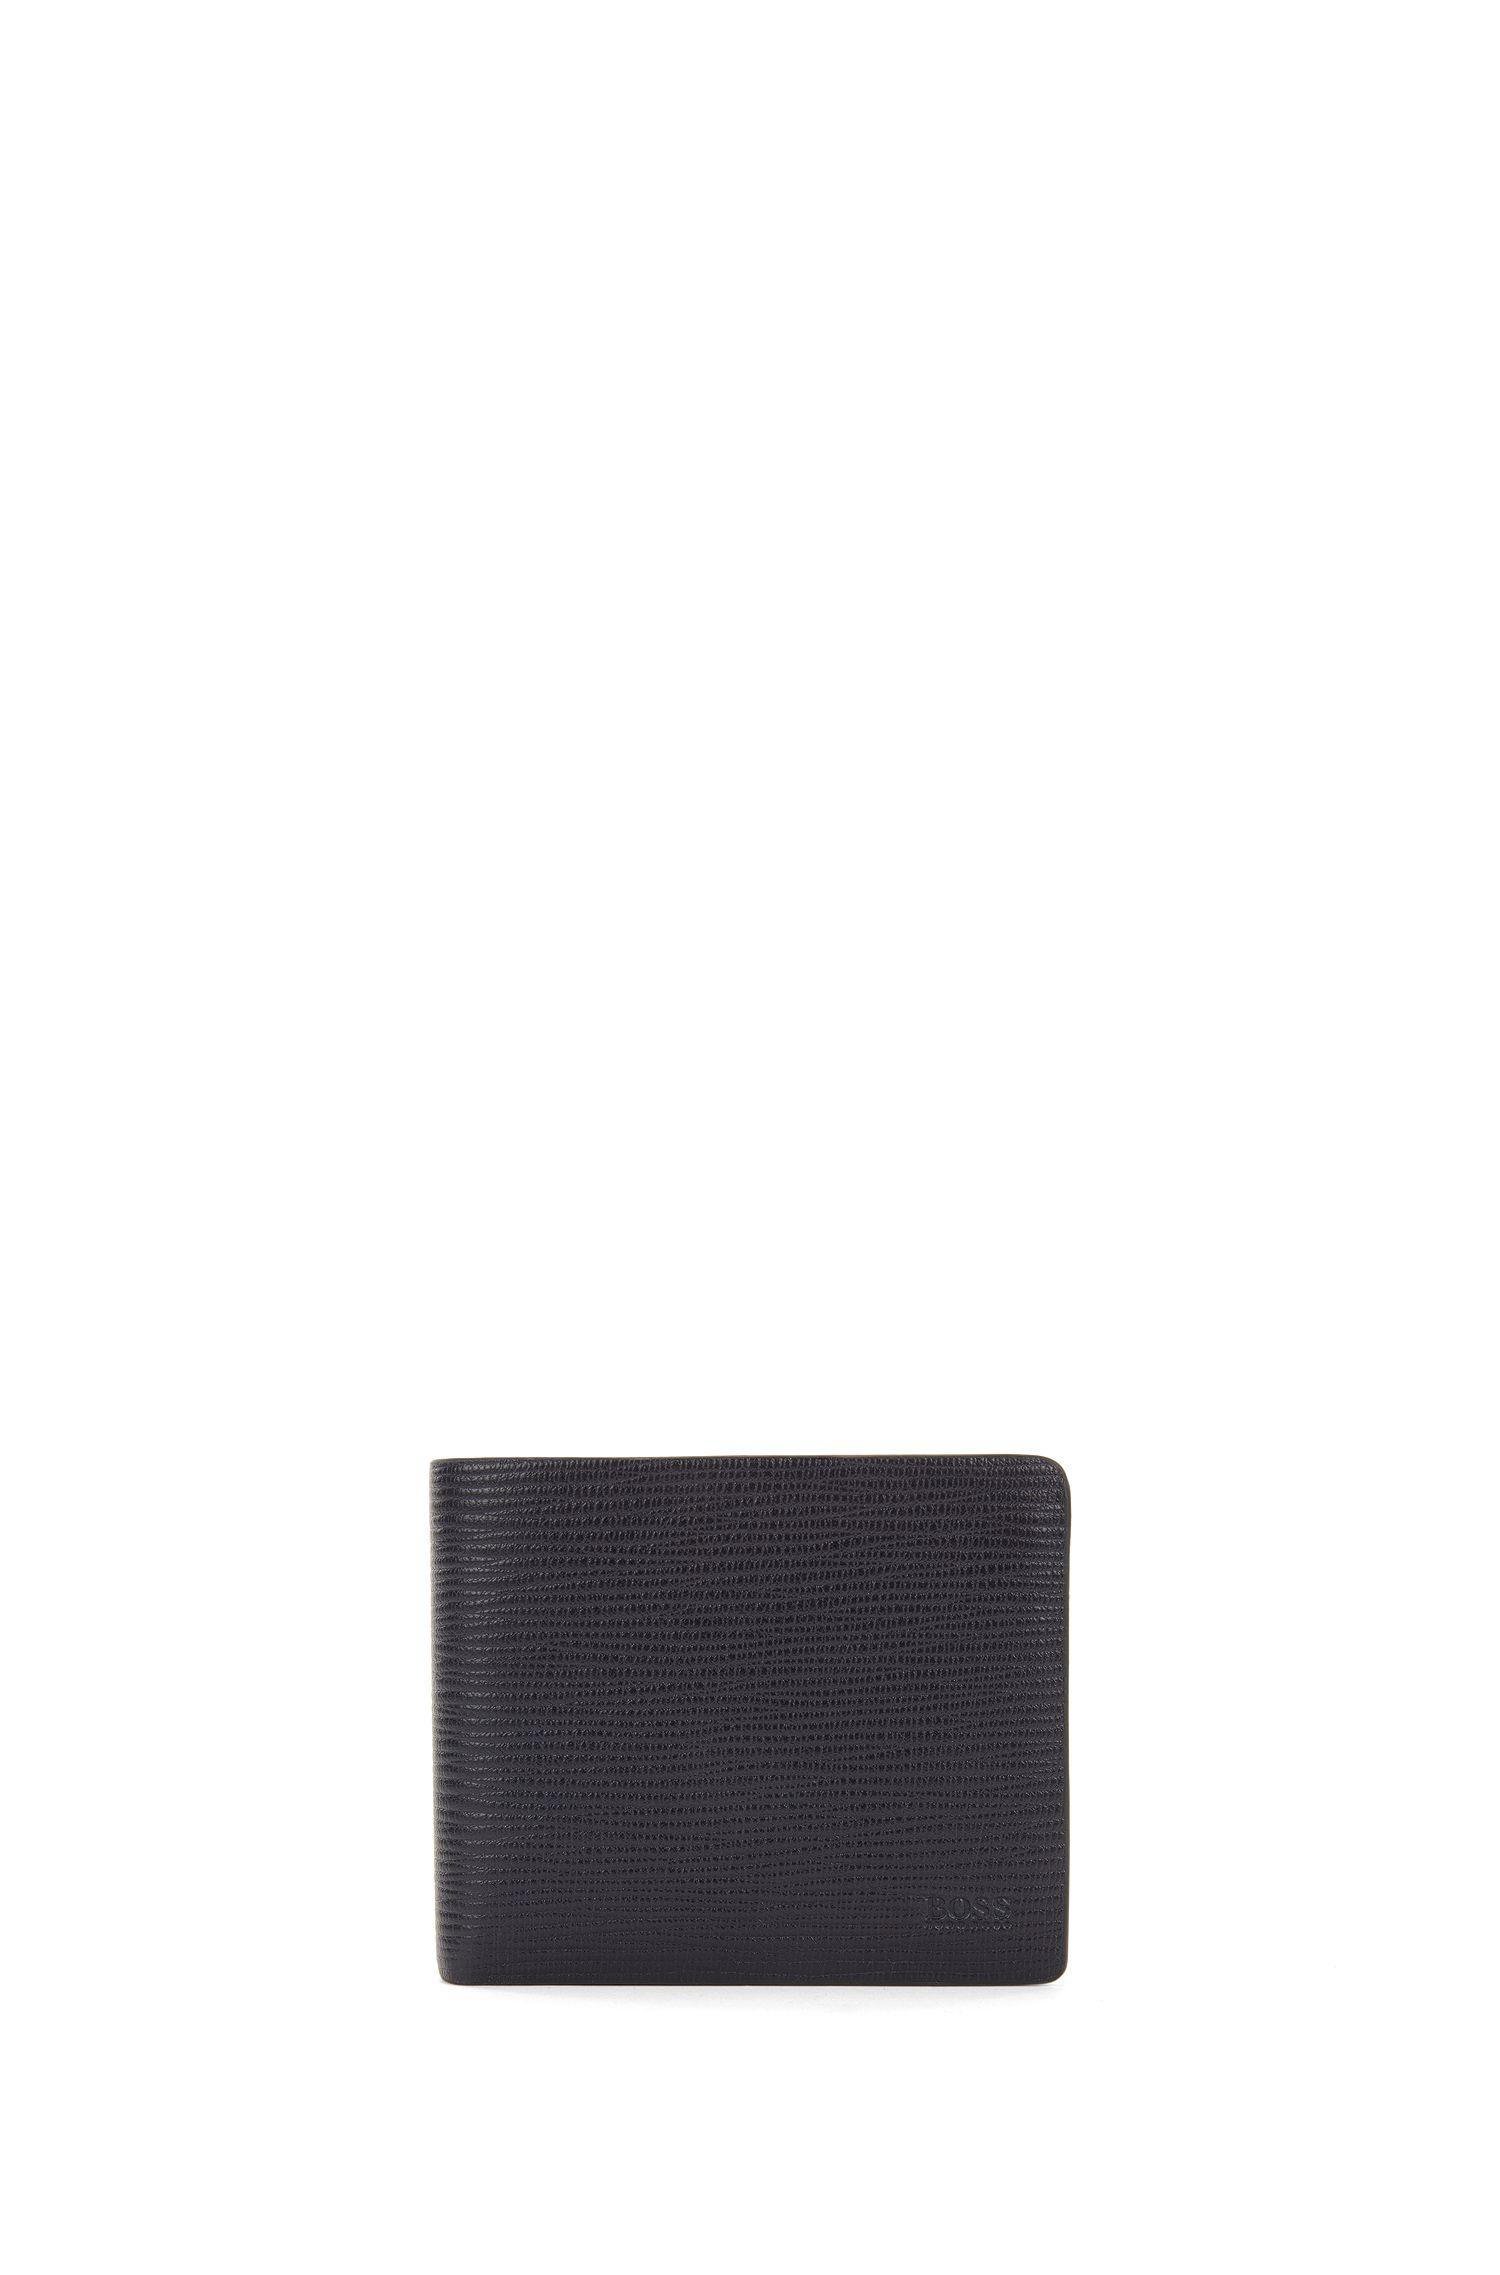 Klapp-Geldbörse aus bedrucktem Leder mit acht Kartenfächern